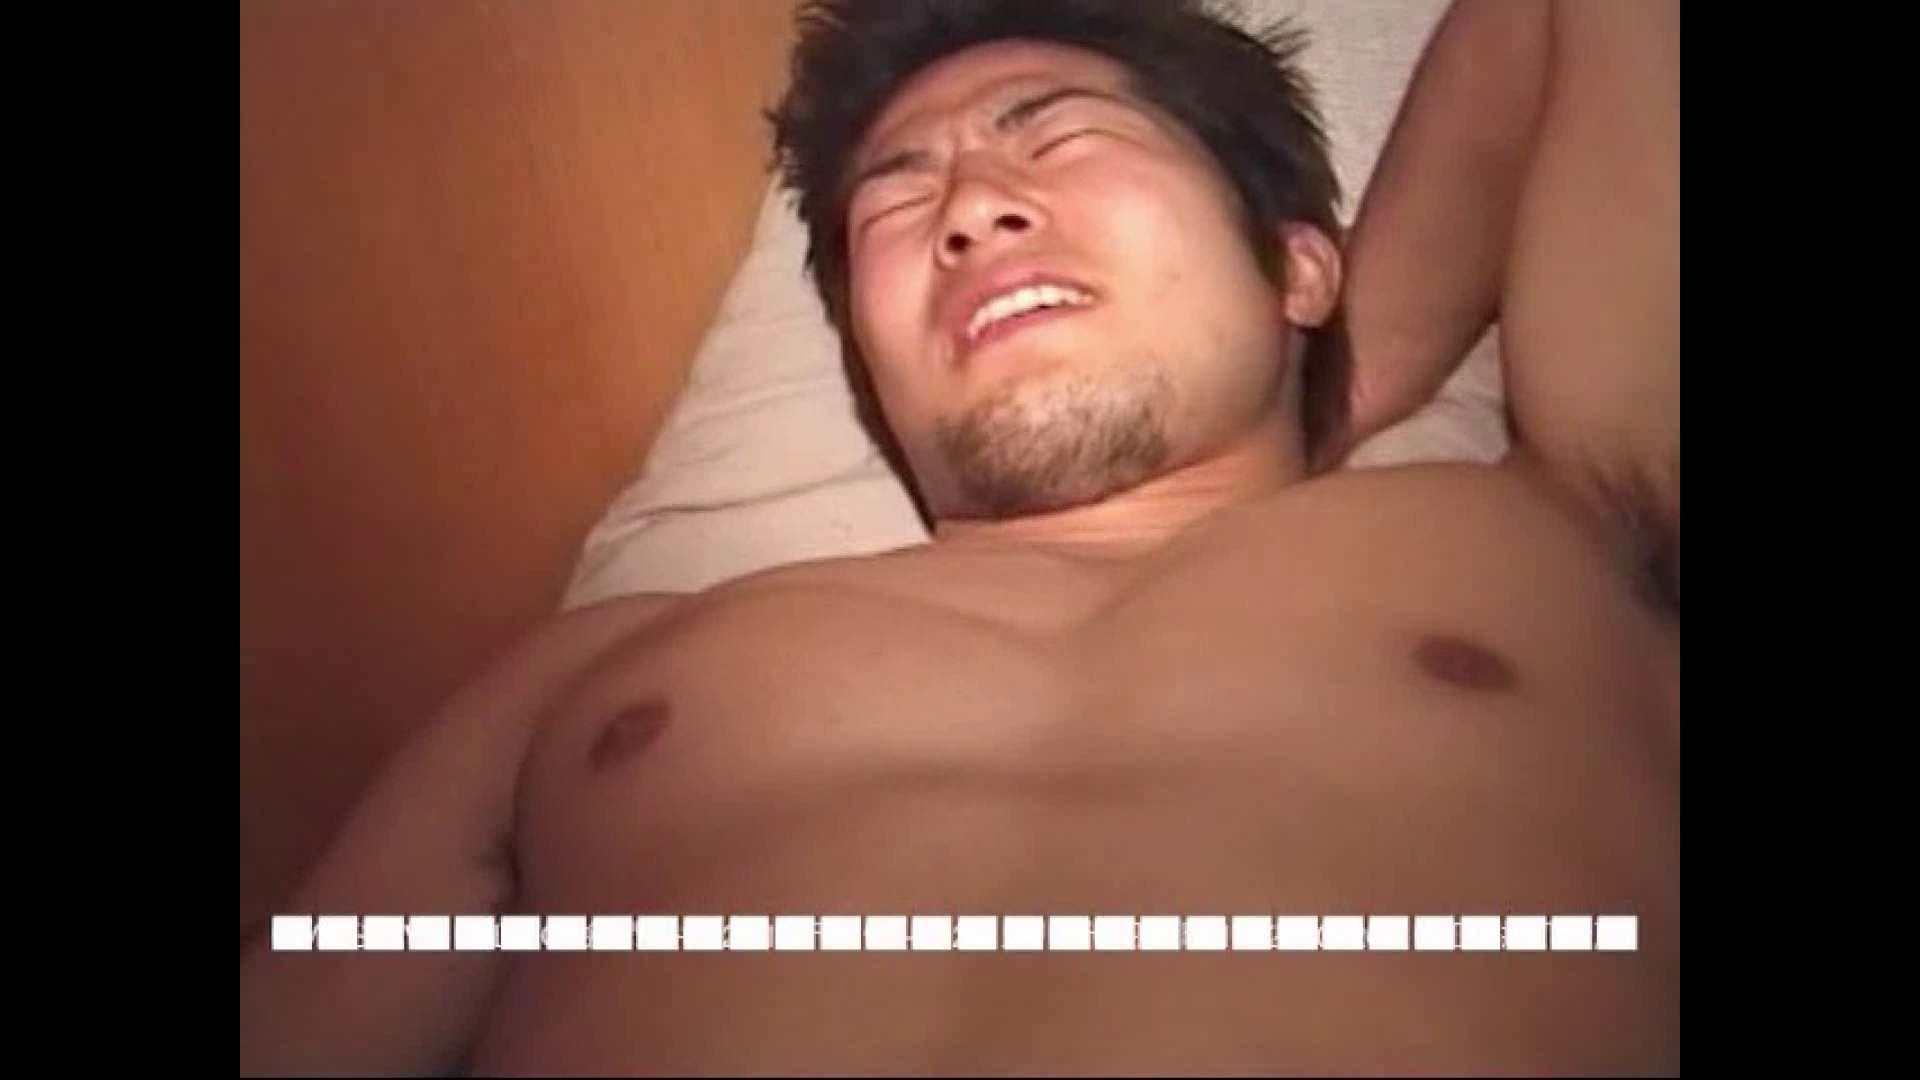 オナれ!集まれ!イケてるメンズ達!!File.20 男天国 | ノンケボーイズ  97pic 97